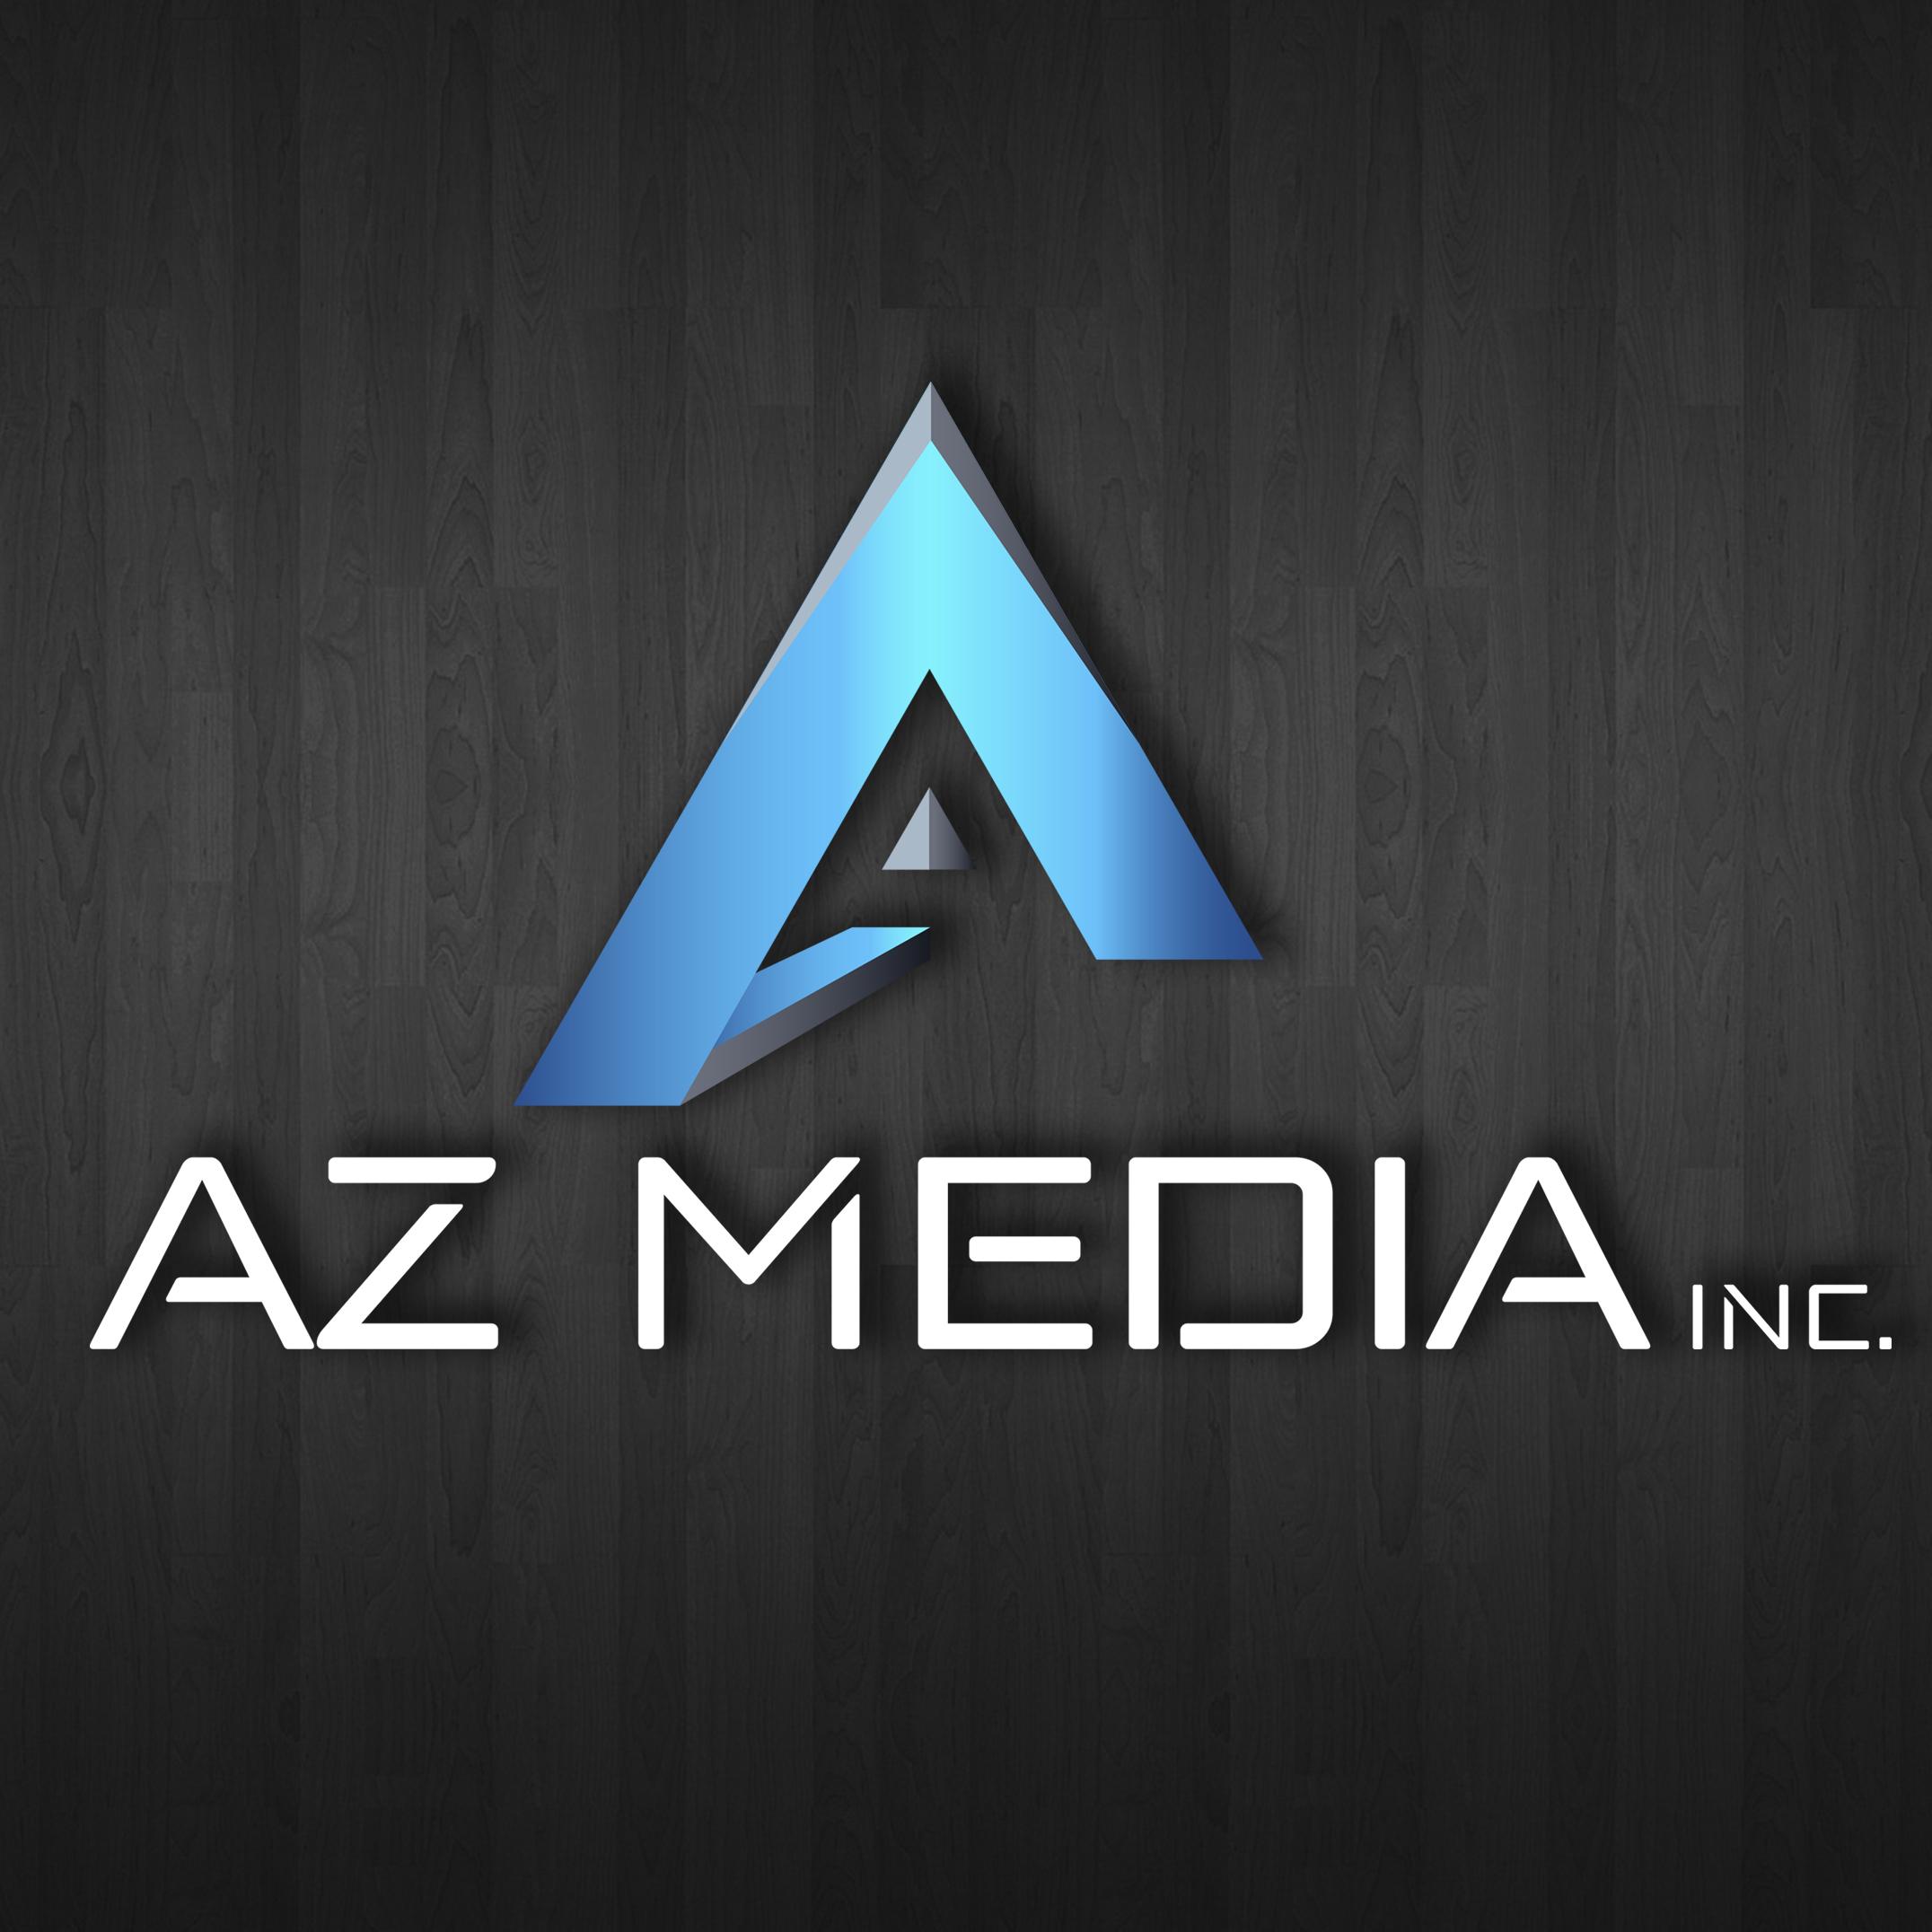 AZ Media Inc.